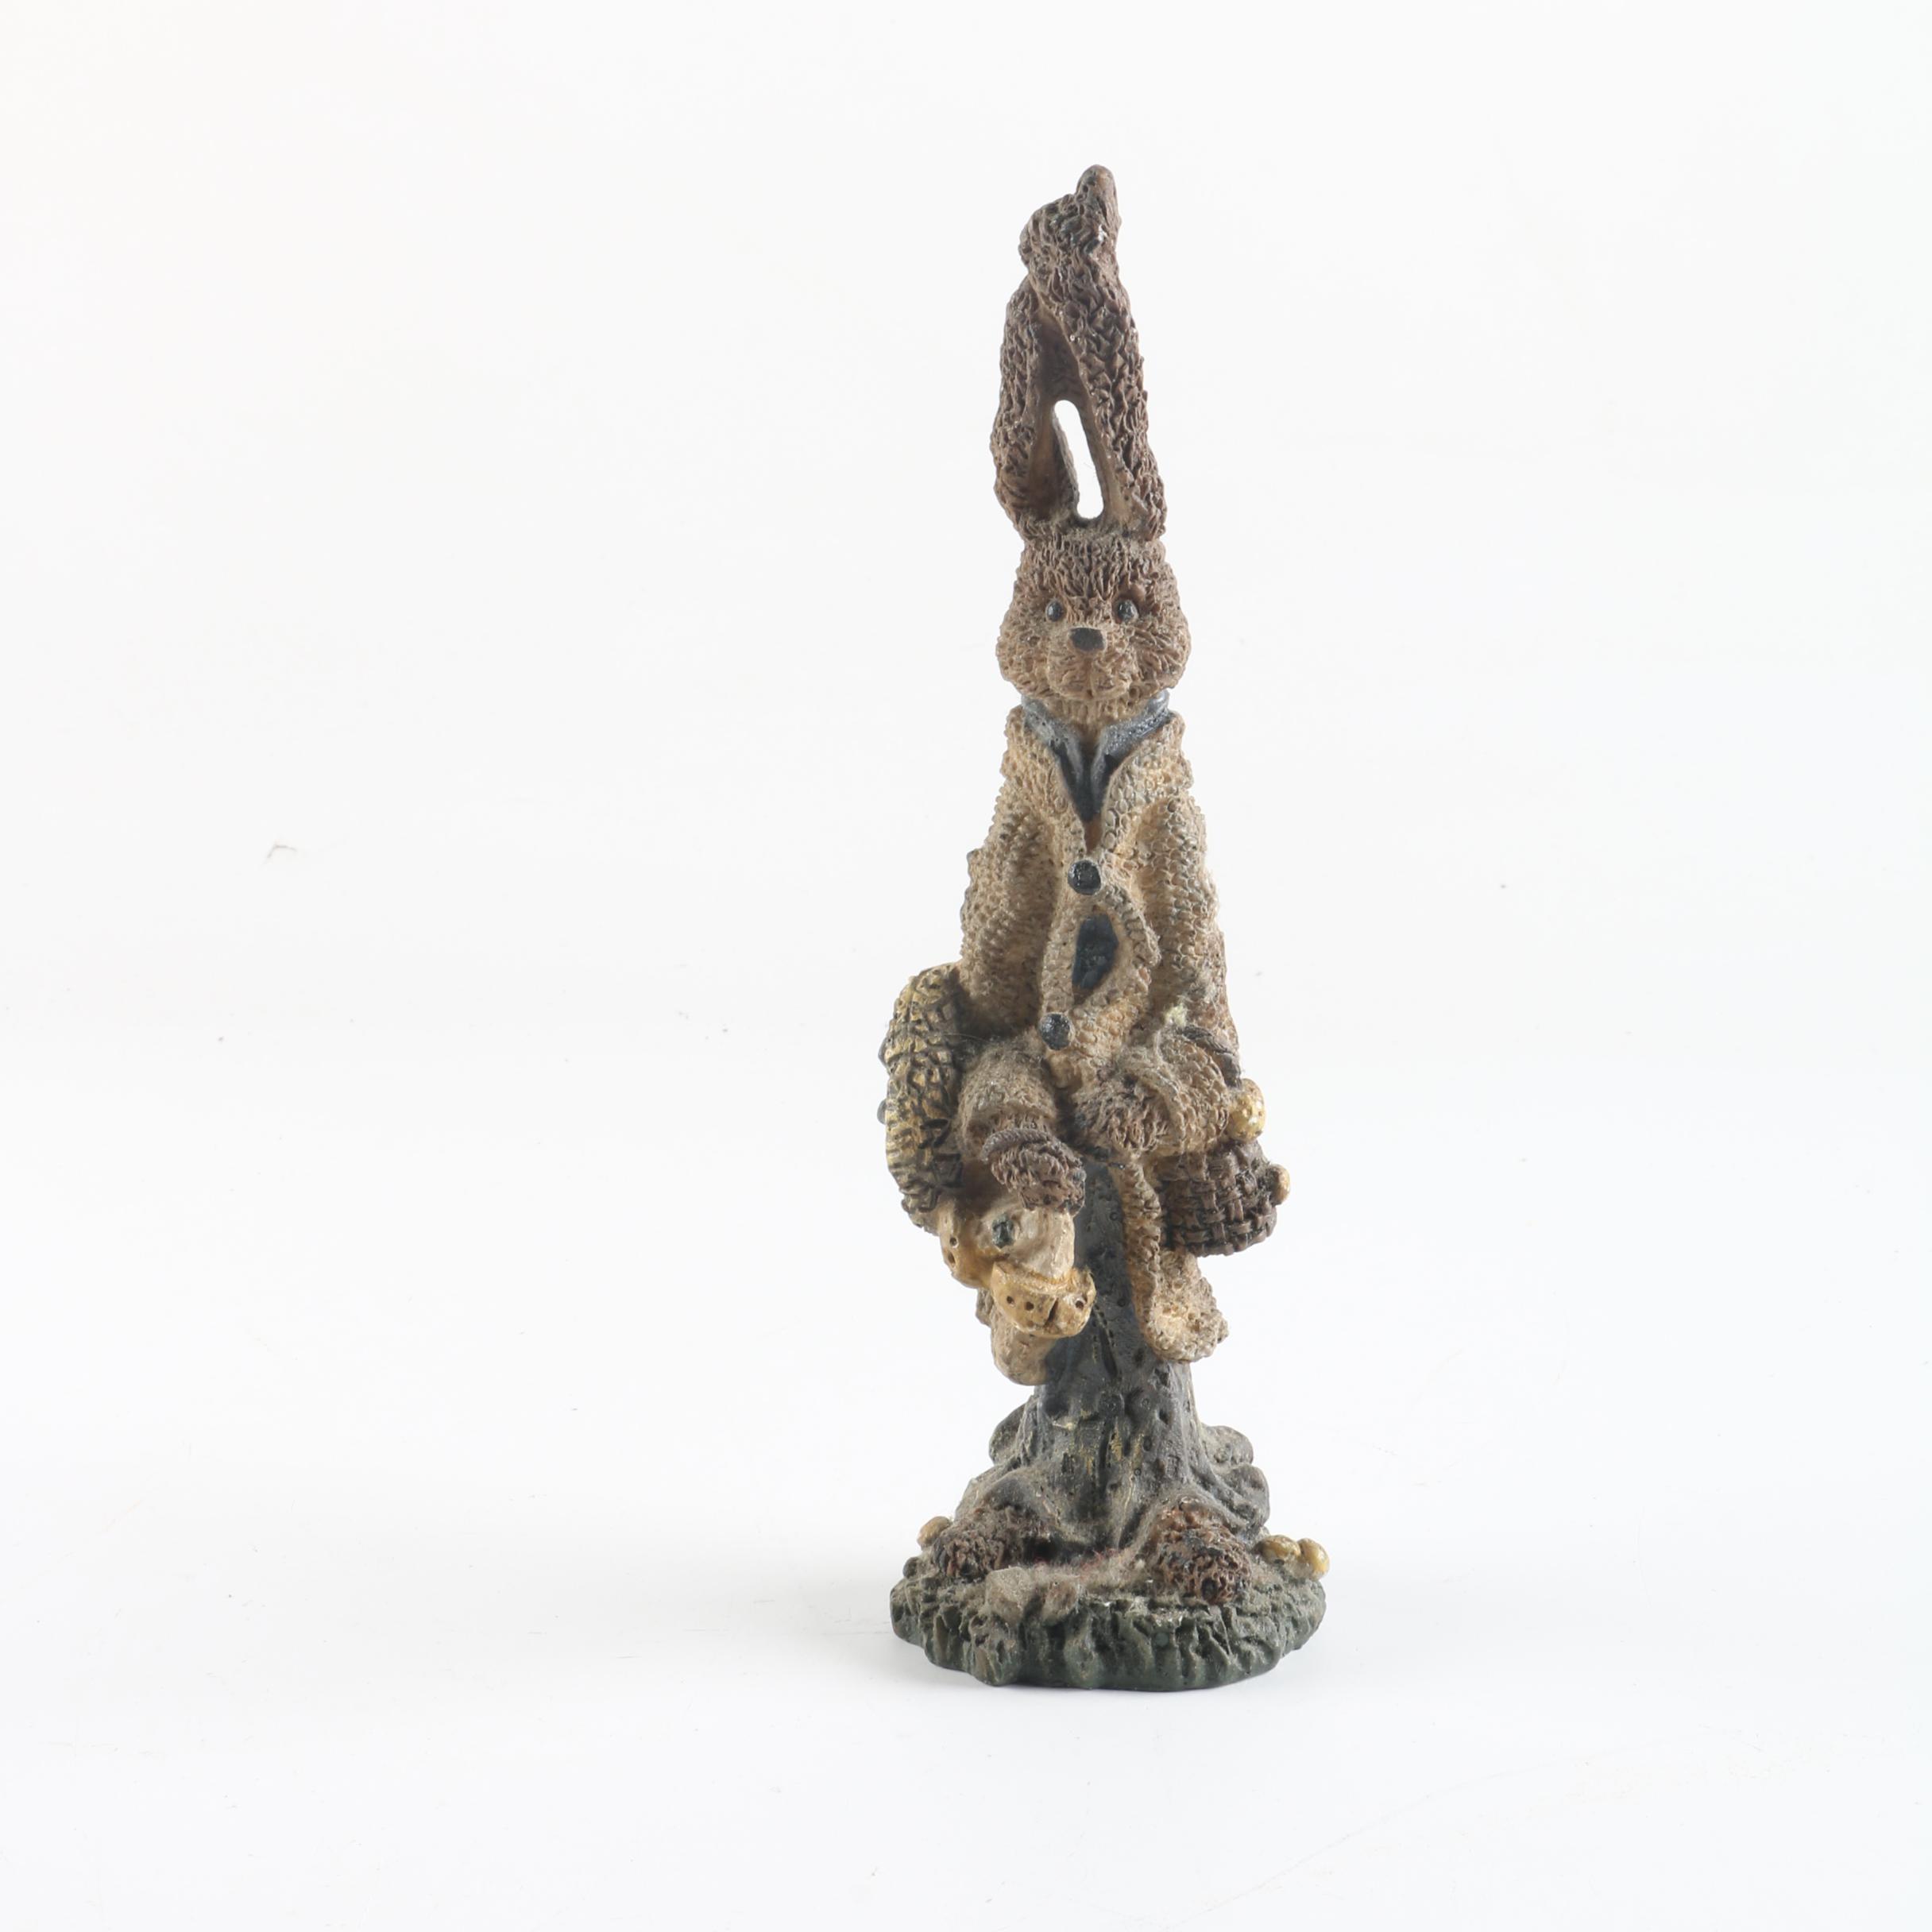 Resin Rabbit Figurine